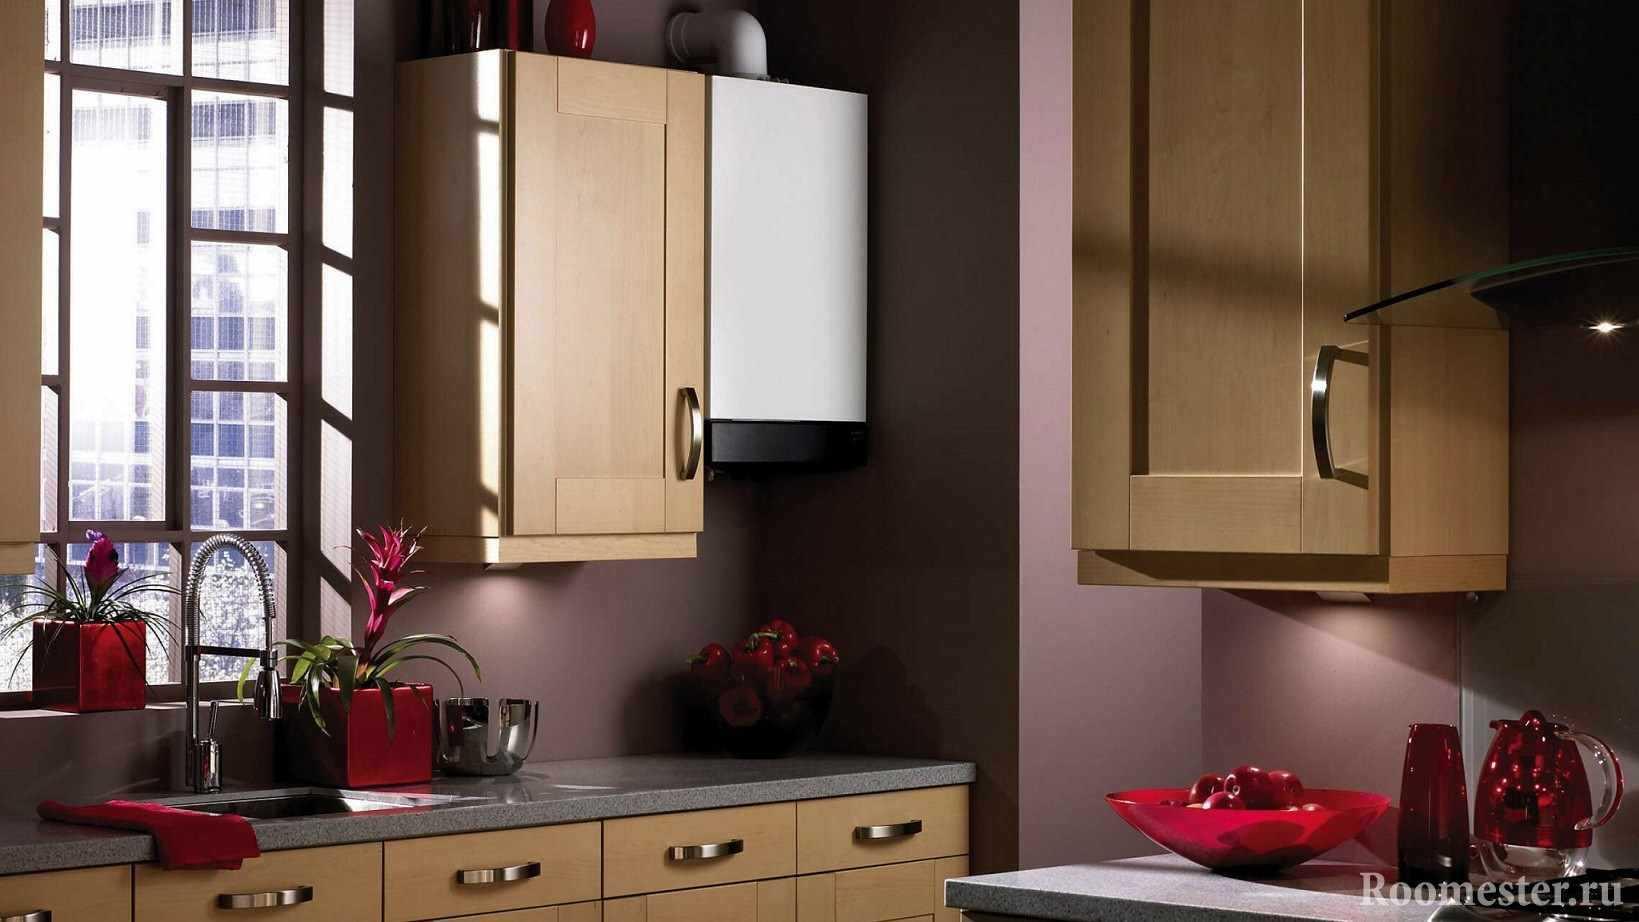 Как спрятать газовый котел на кухне: фото дизайна интерьера кухни